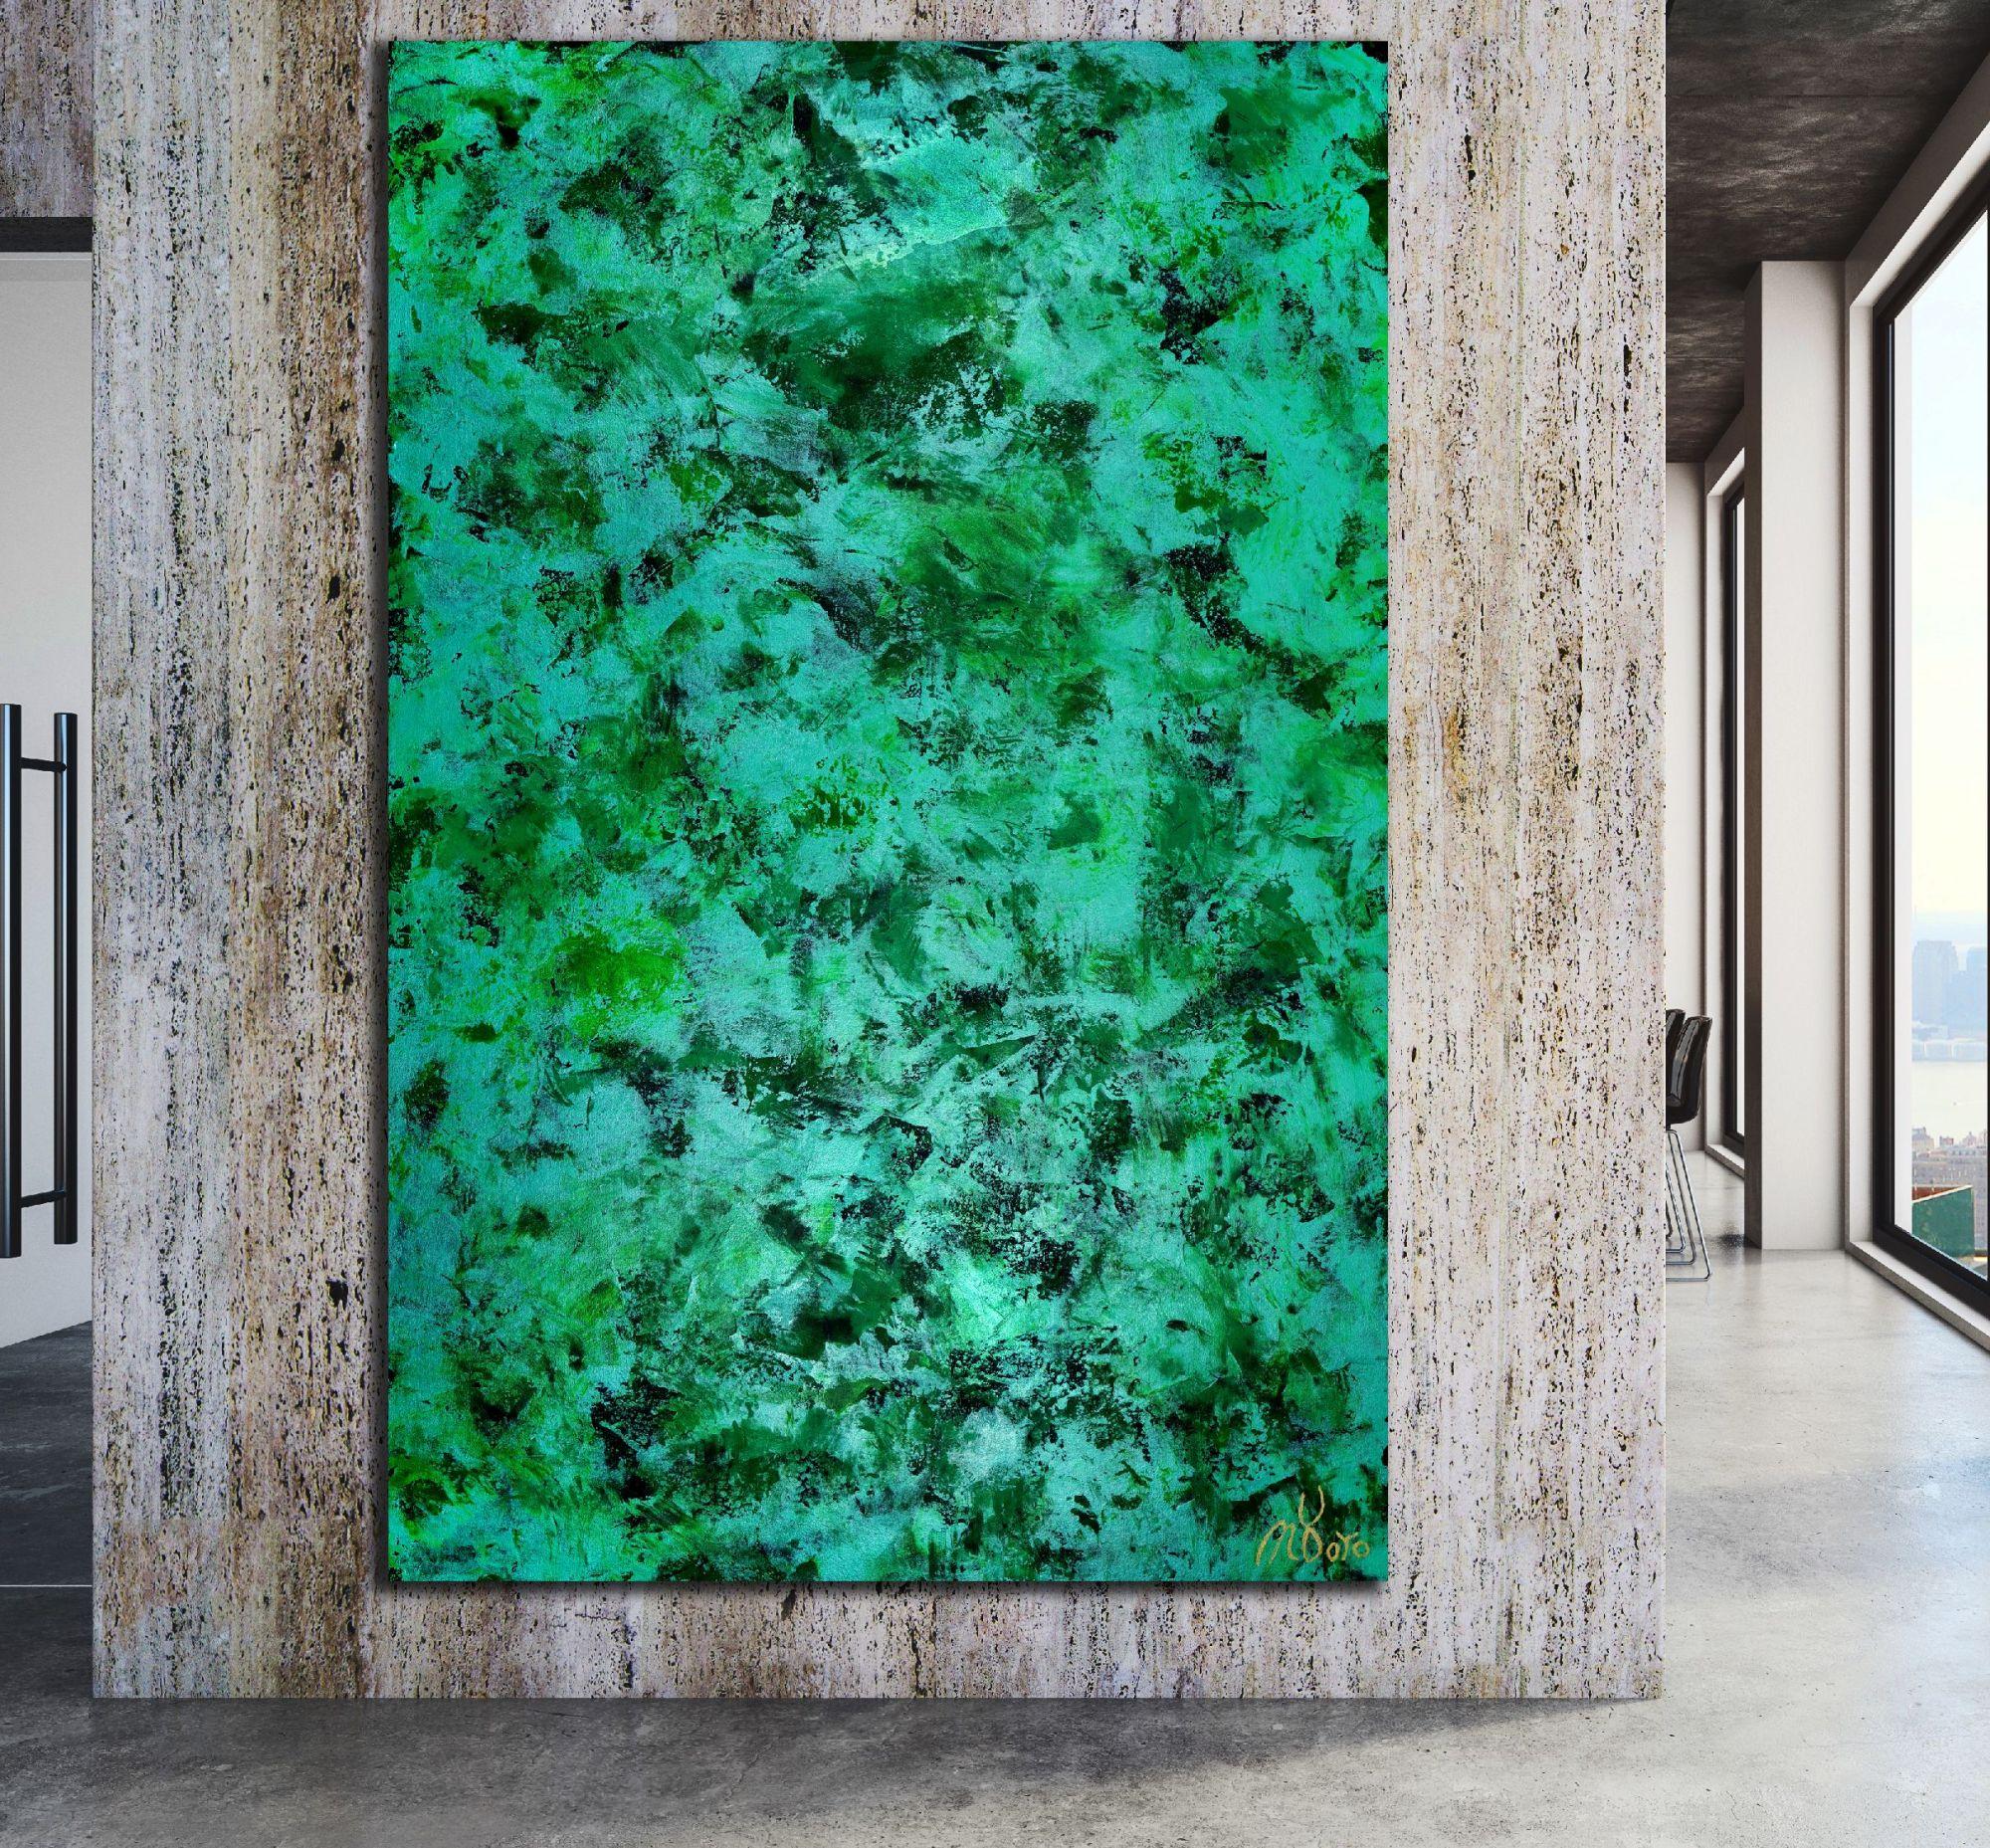 Room View / Verdor Spectra (Lush Greenery) (2020) / Nestor Toro